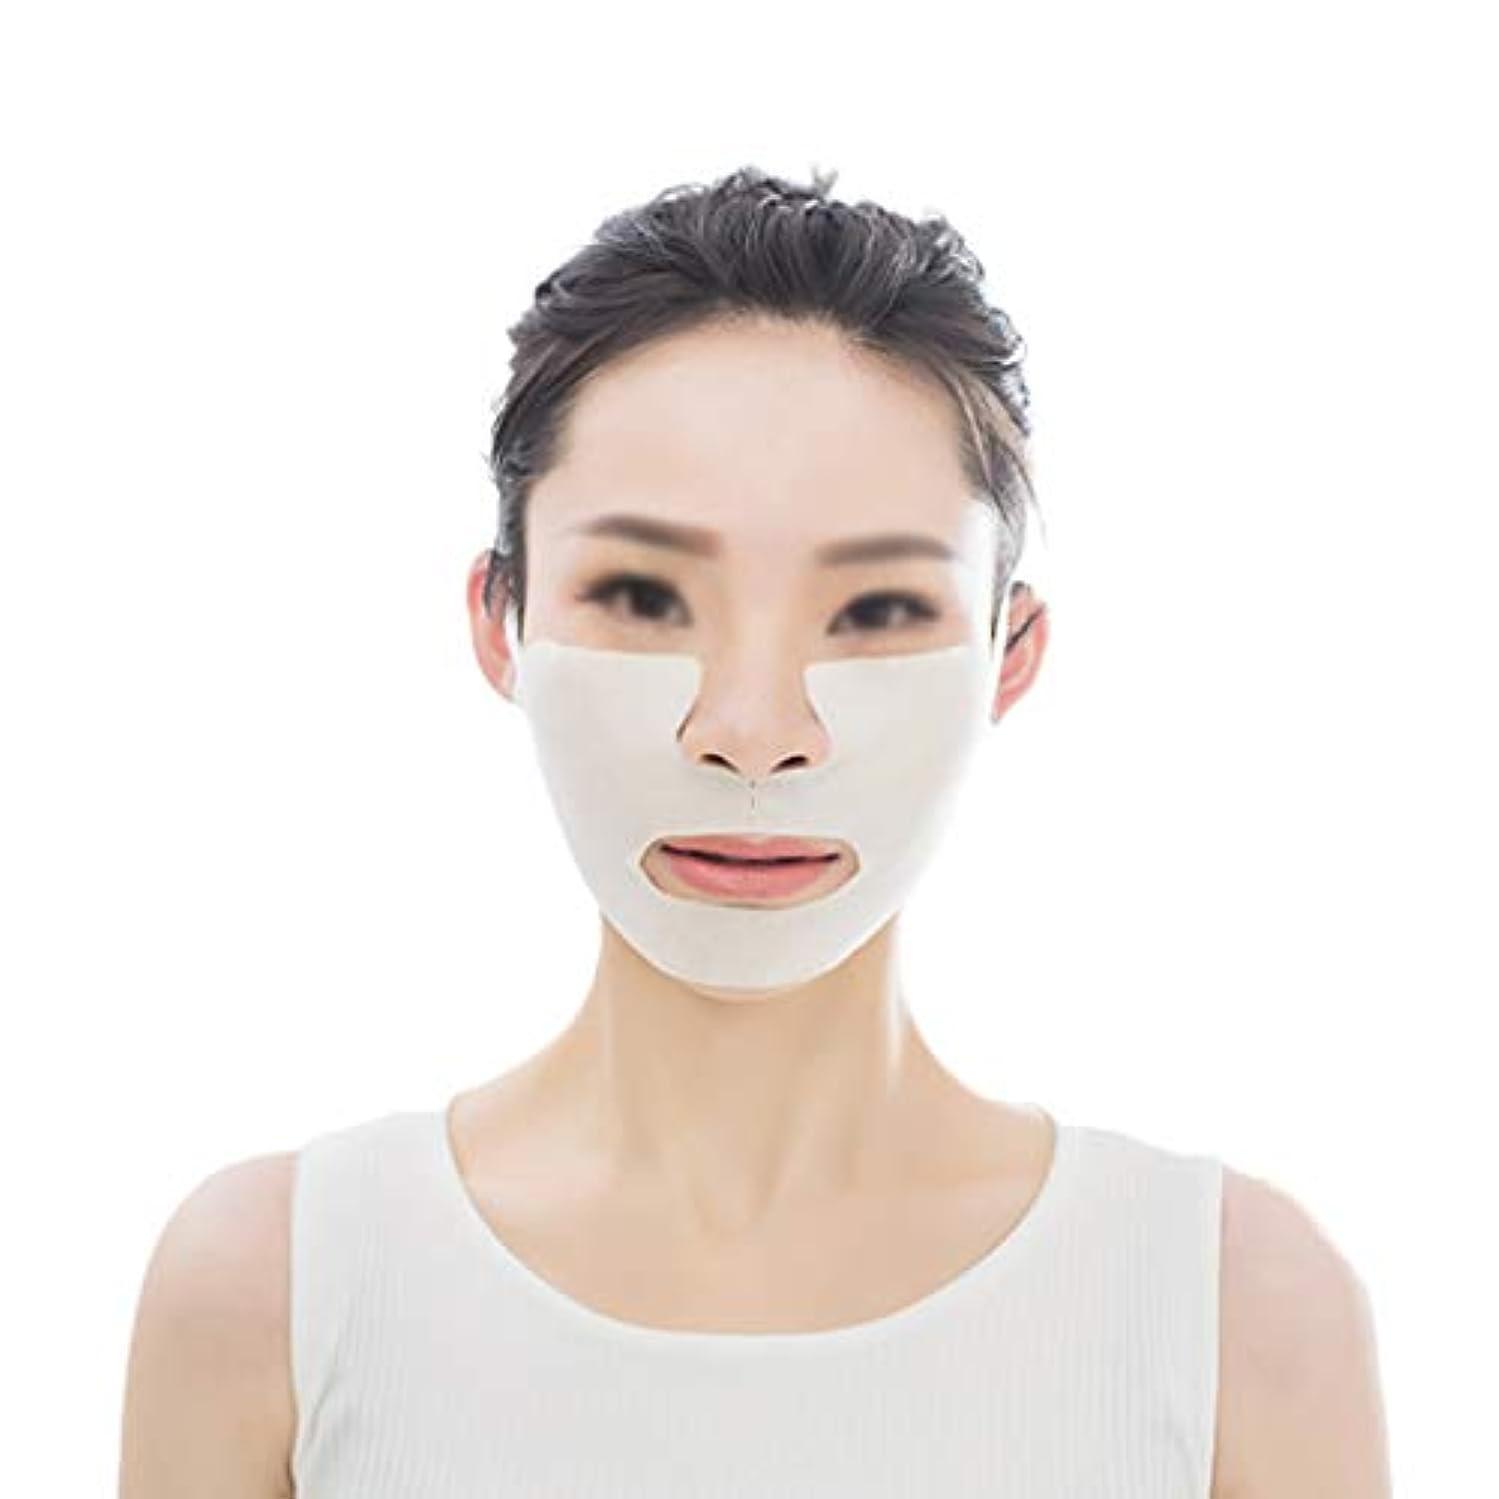 ウェイド離婚謙虚XHLMRMJ フェイシャルスリミング、薄いフェイスマスク、下顎咬筋のあごを改善してフェイシャルラインを形成する、5箱、フェイスマスクの3箱